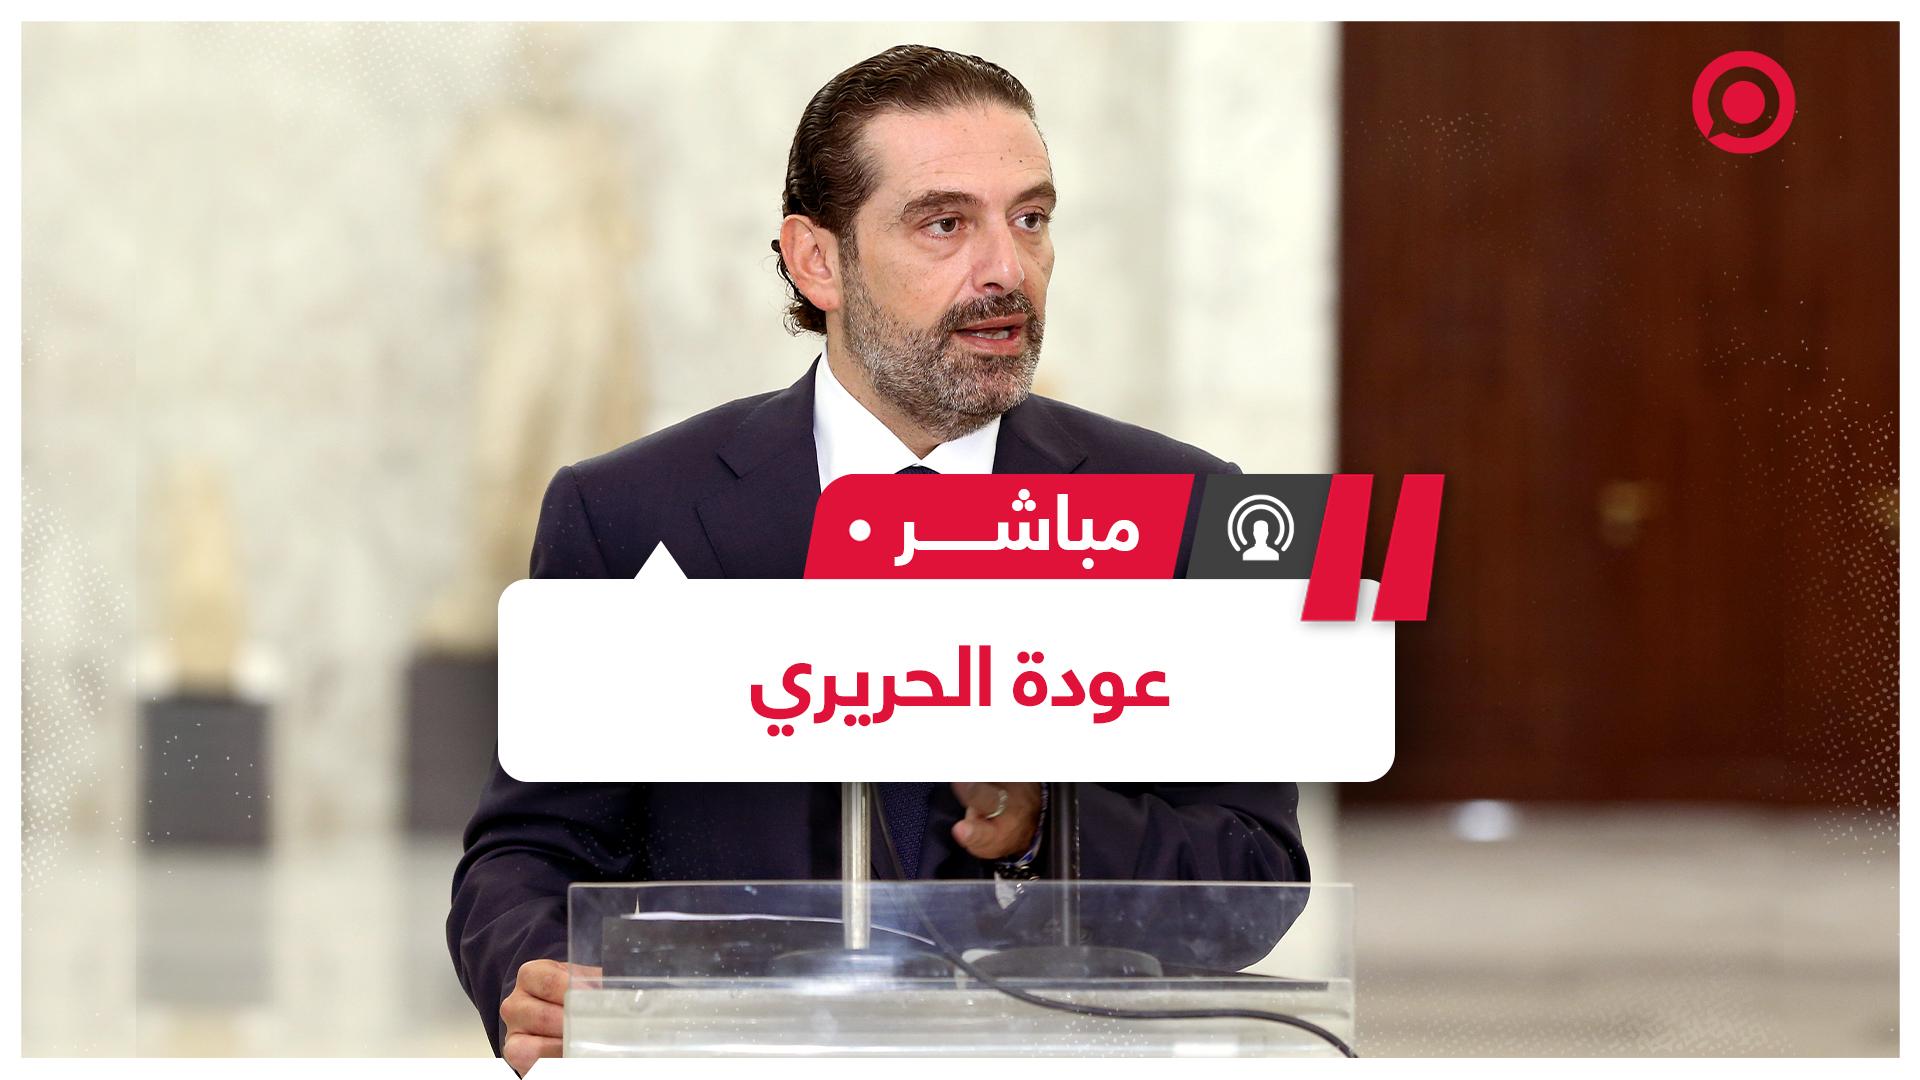 الرئيس اللبناني يكلف الحريري بتشكيل الحكومة.. ما رد فعل الشارع اللبناني؟